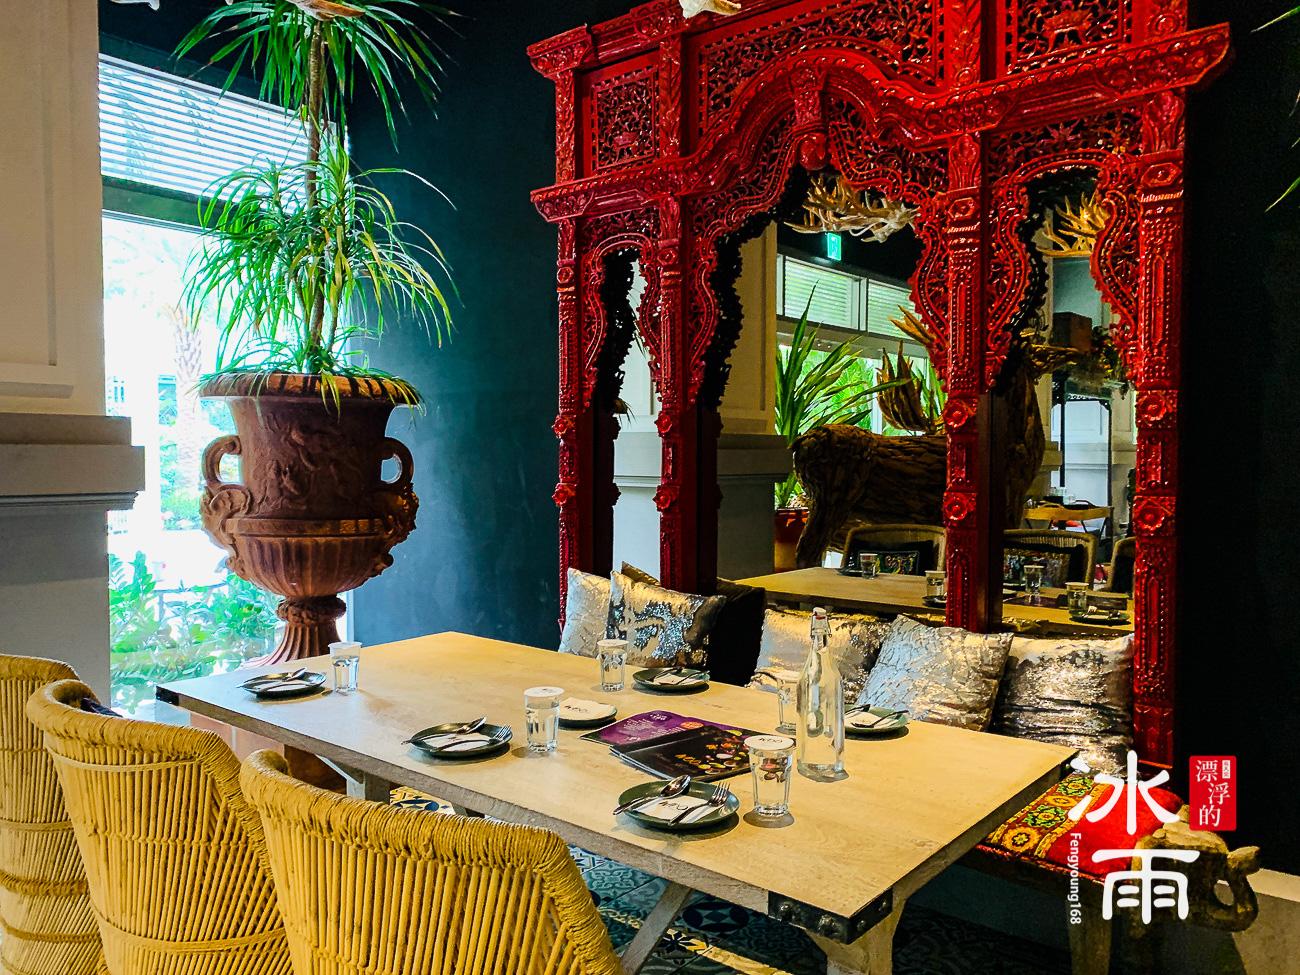 牆壁上的大型鏡子,的確是清邁的特色~泰國、東南亞的特色